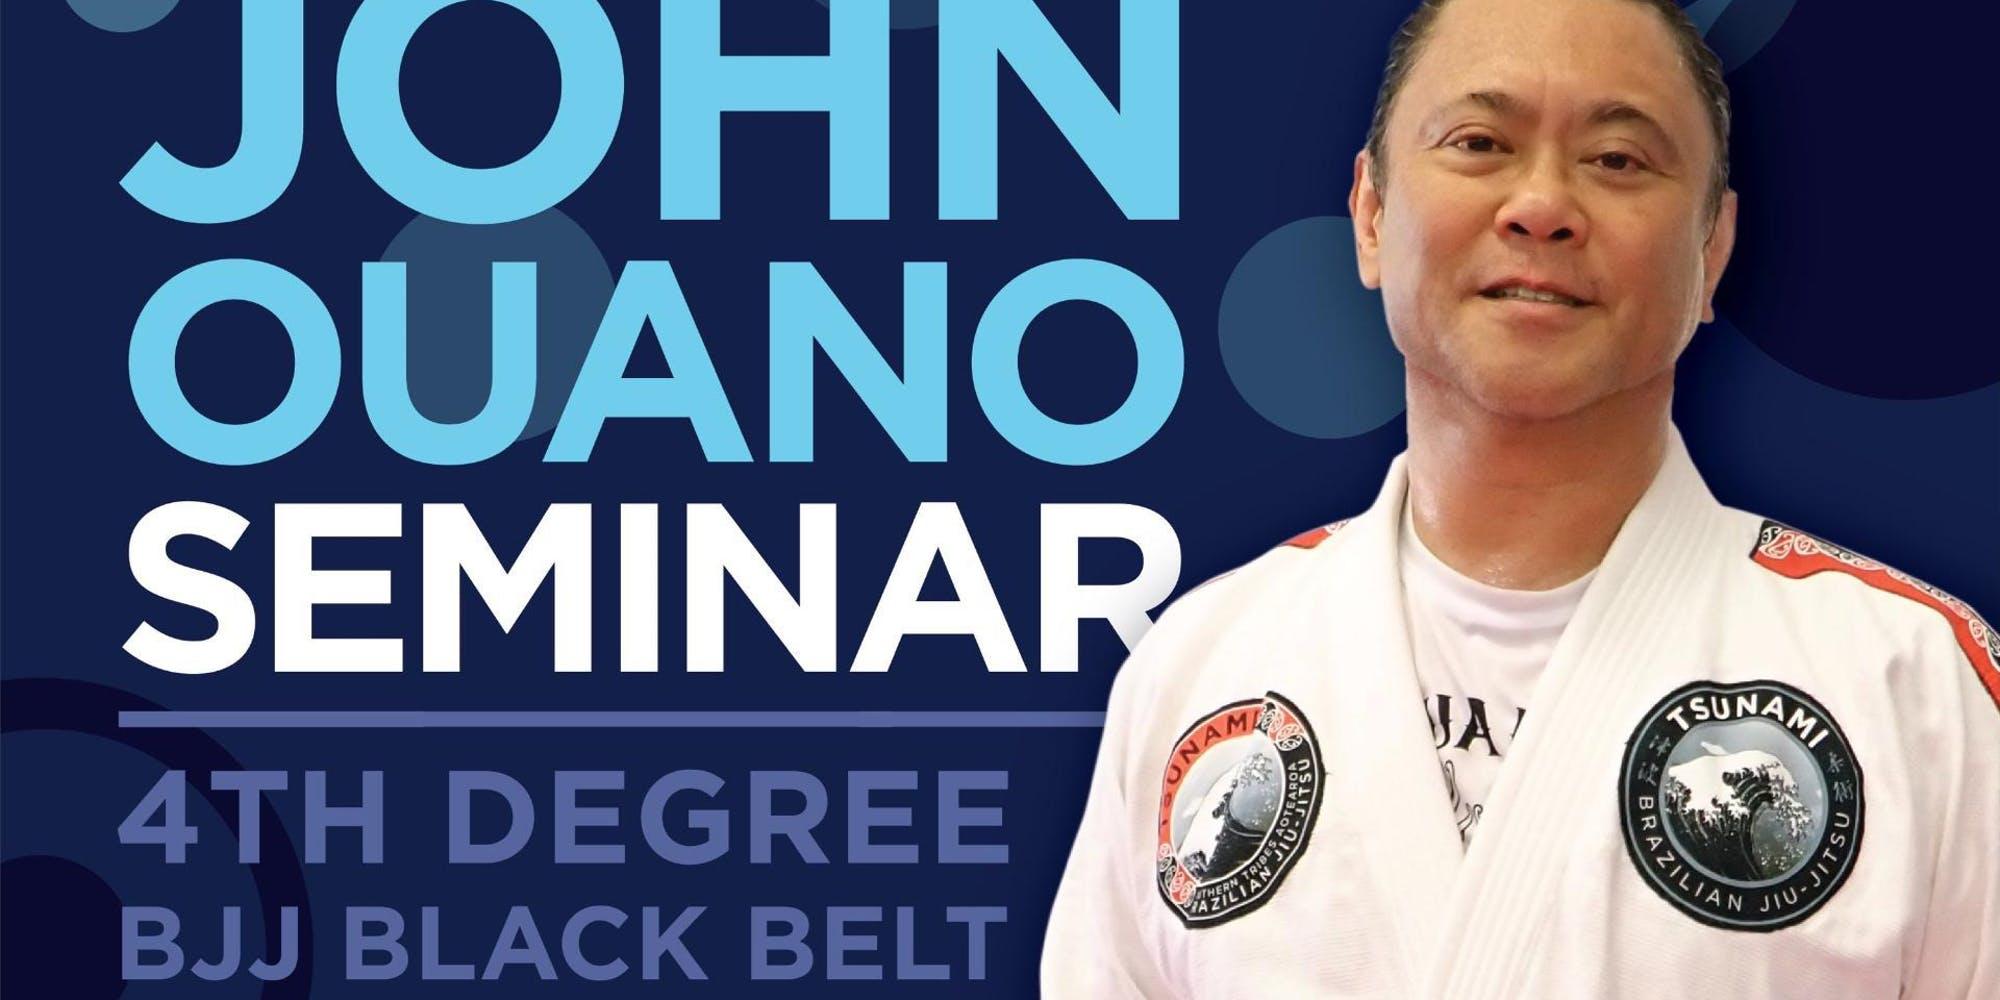 John_Ouano_Brazilian_Jiu-Jitsu.jpg